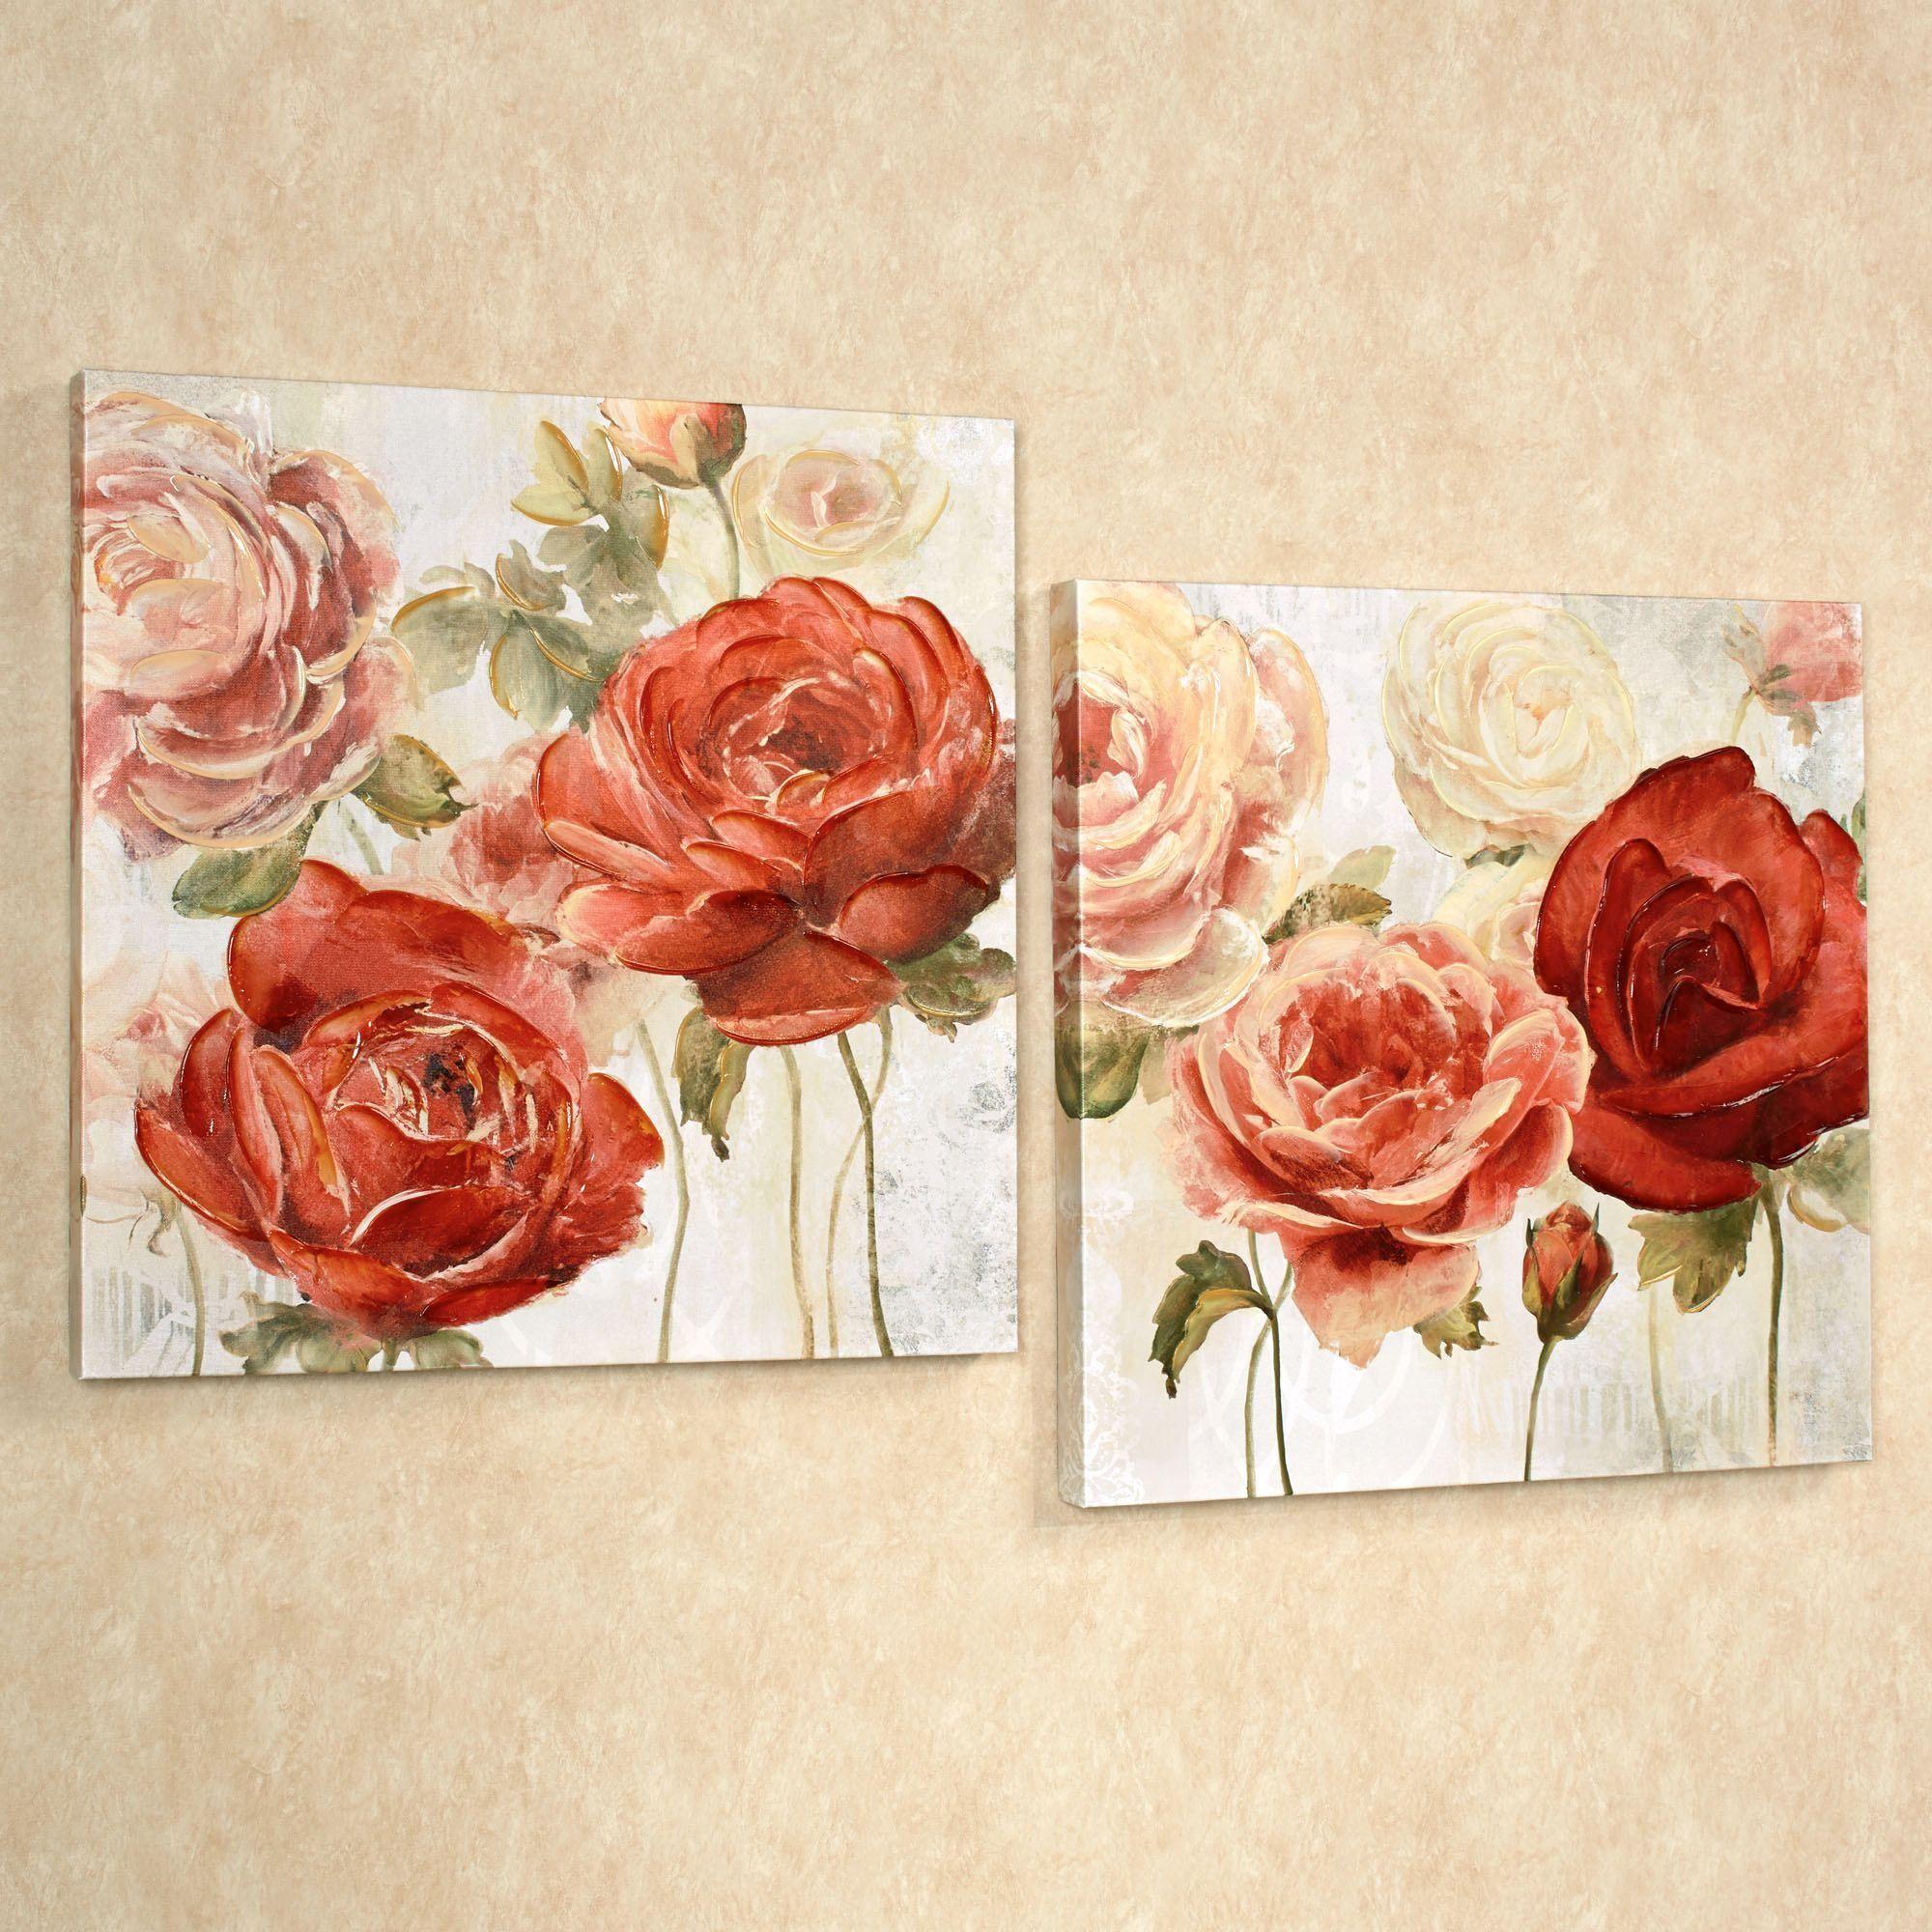 radiant blooms rose floral